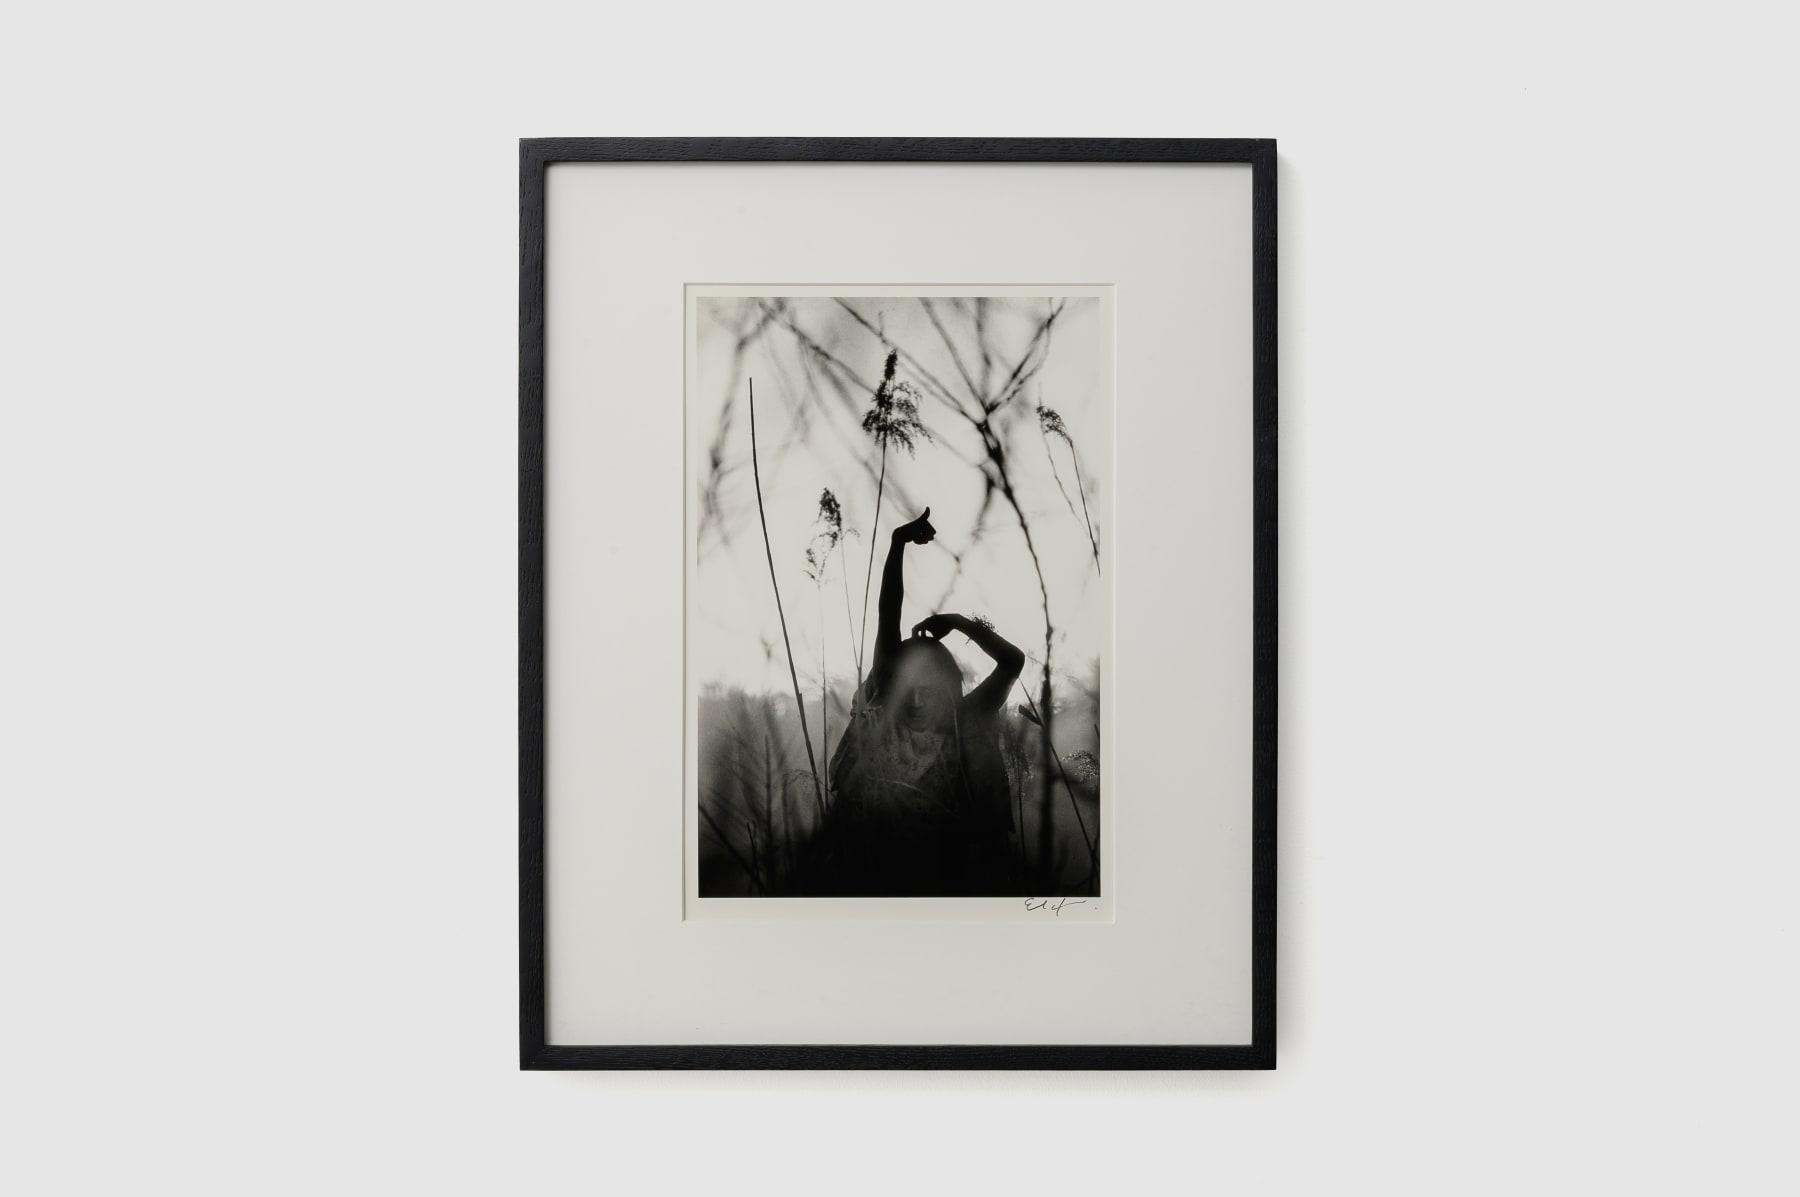 Eikoh Hosoe, Kamaitachi #34, 1965/1989